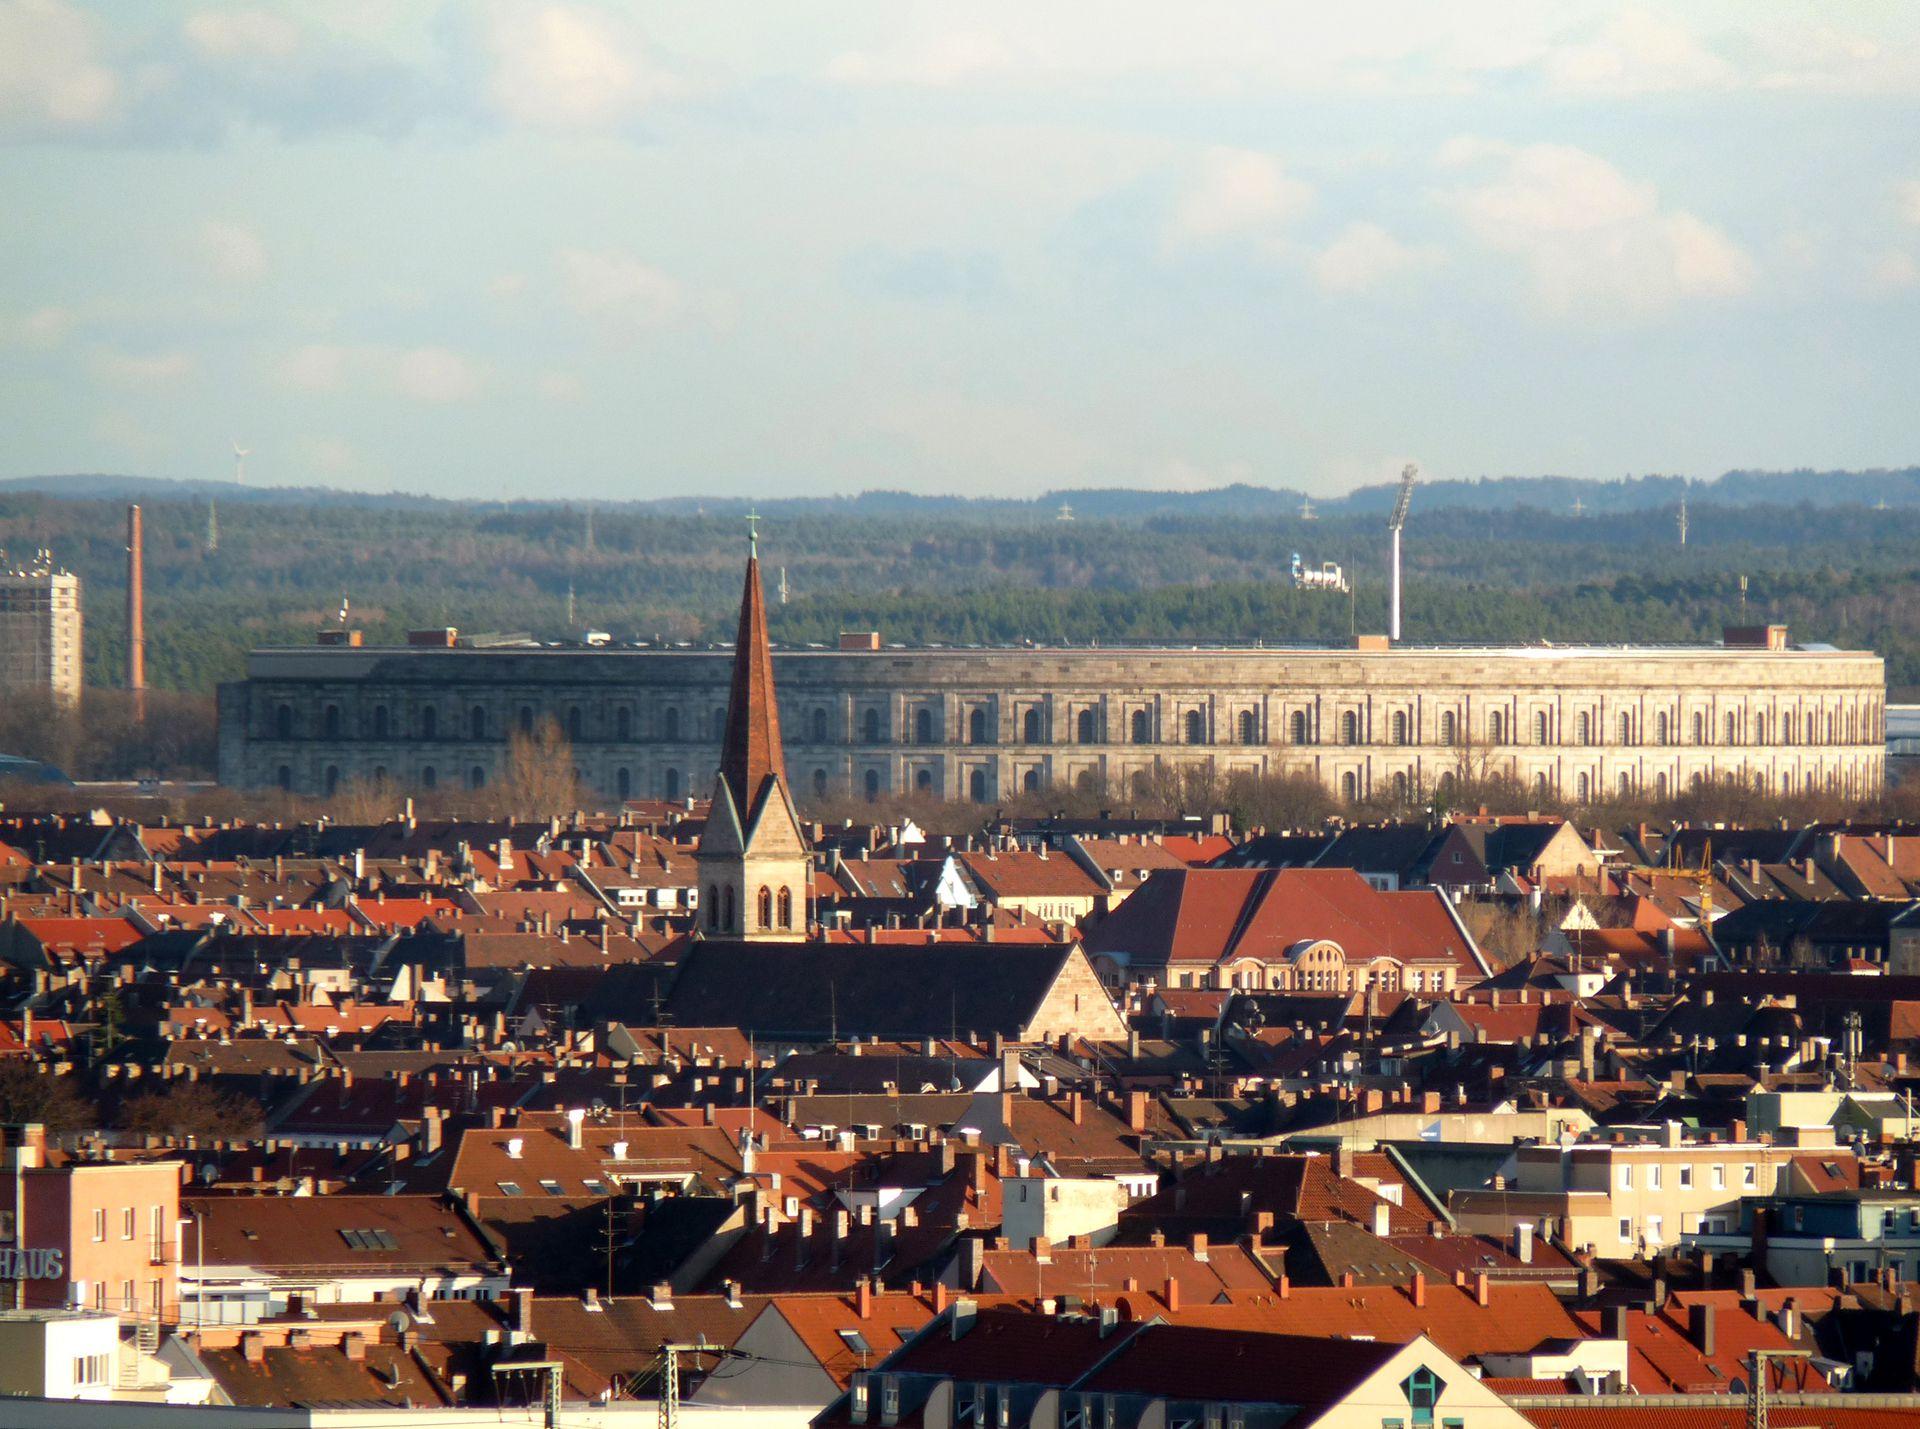 Kongresshalle Blick über die Dächer der Südstadt in Richtung Kongresshalle